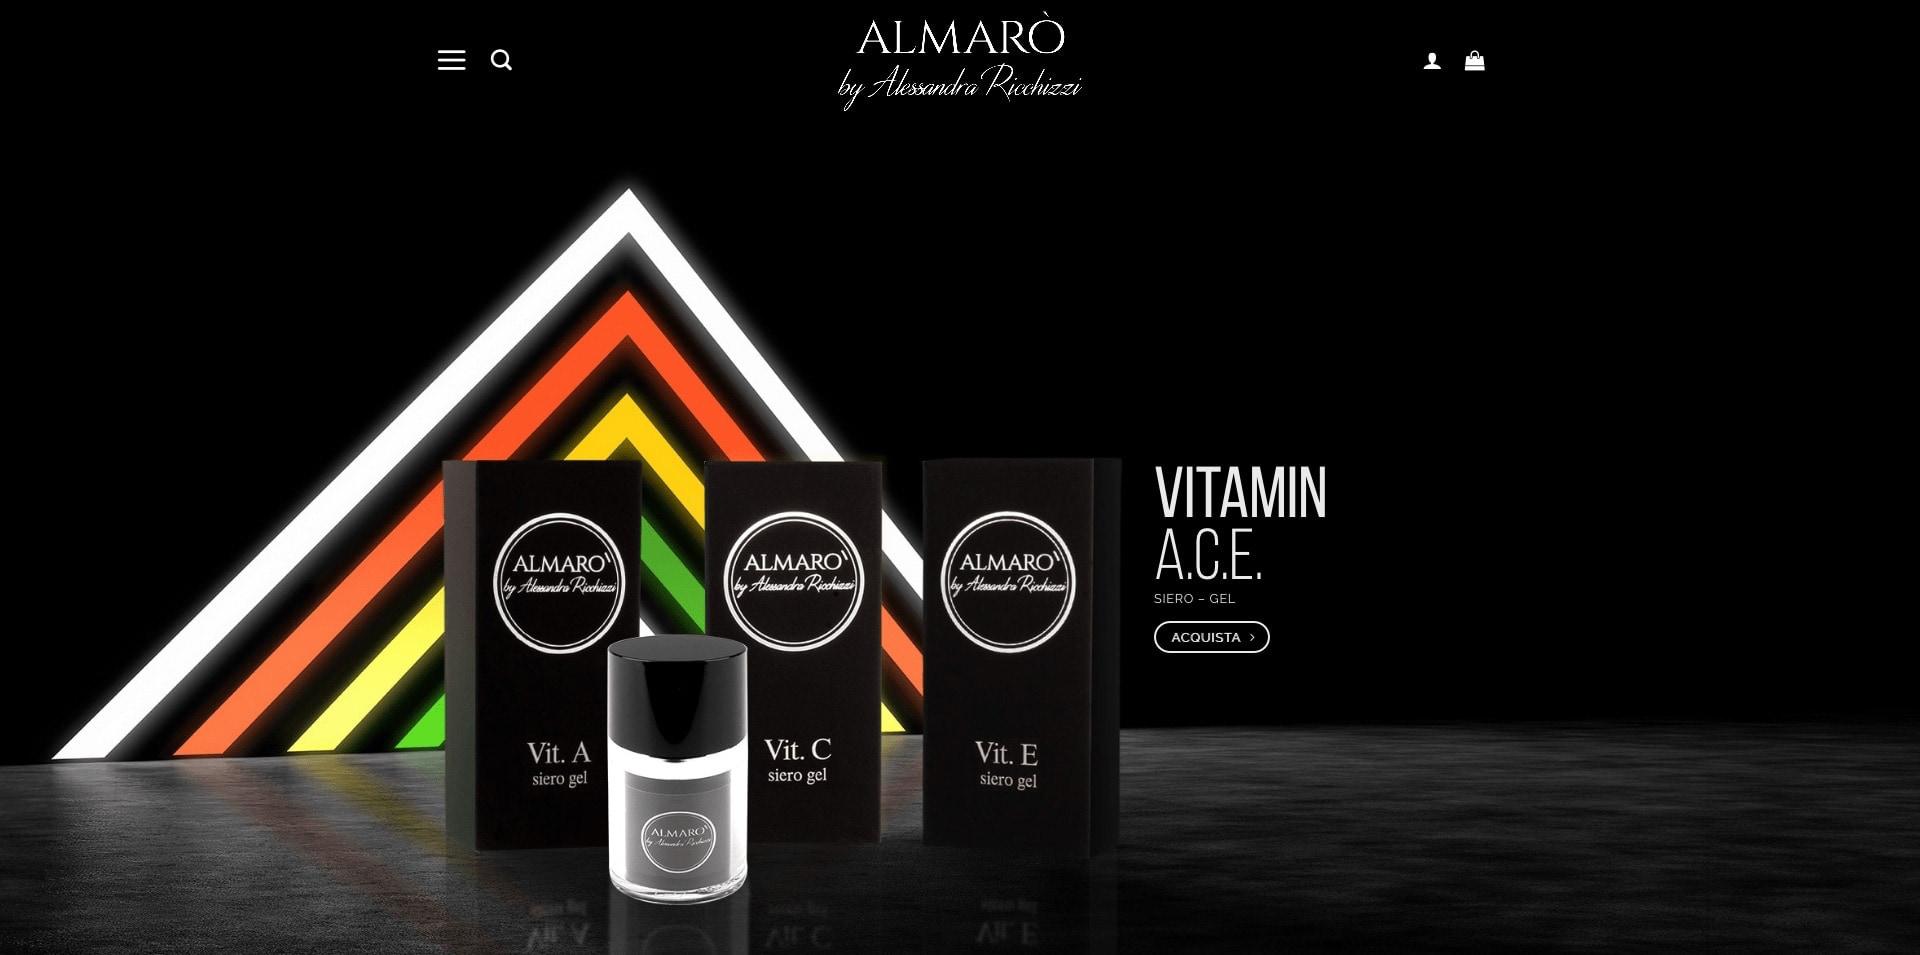 Almarò_by_Alessandra_Ricchizzi_-_Prodotti_cosmetici,_Viso_e_Corpo